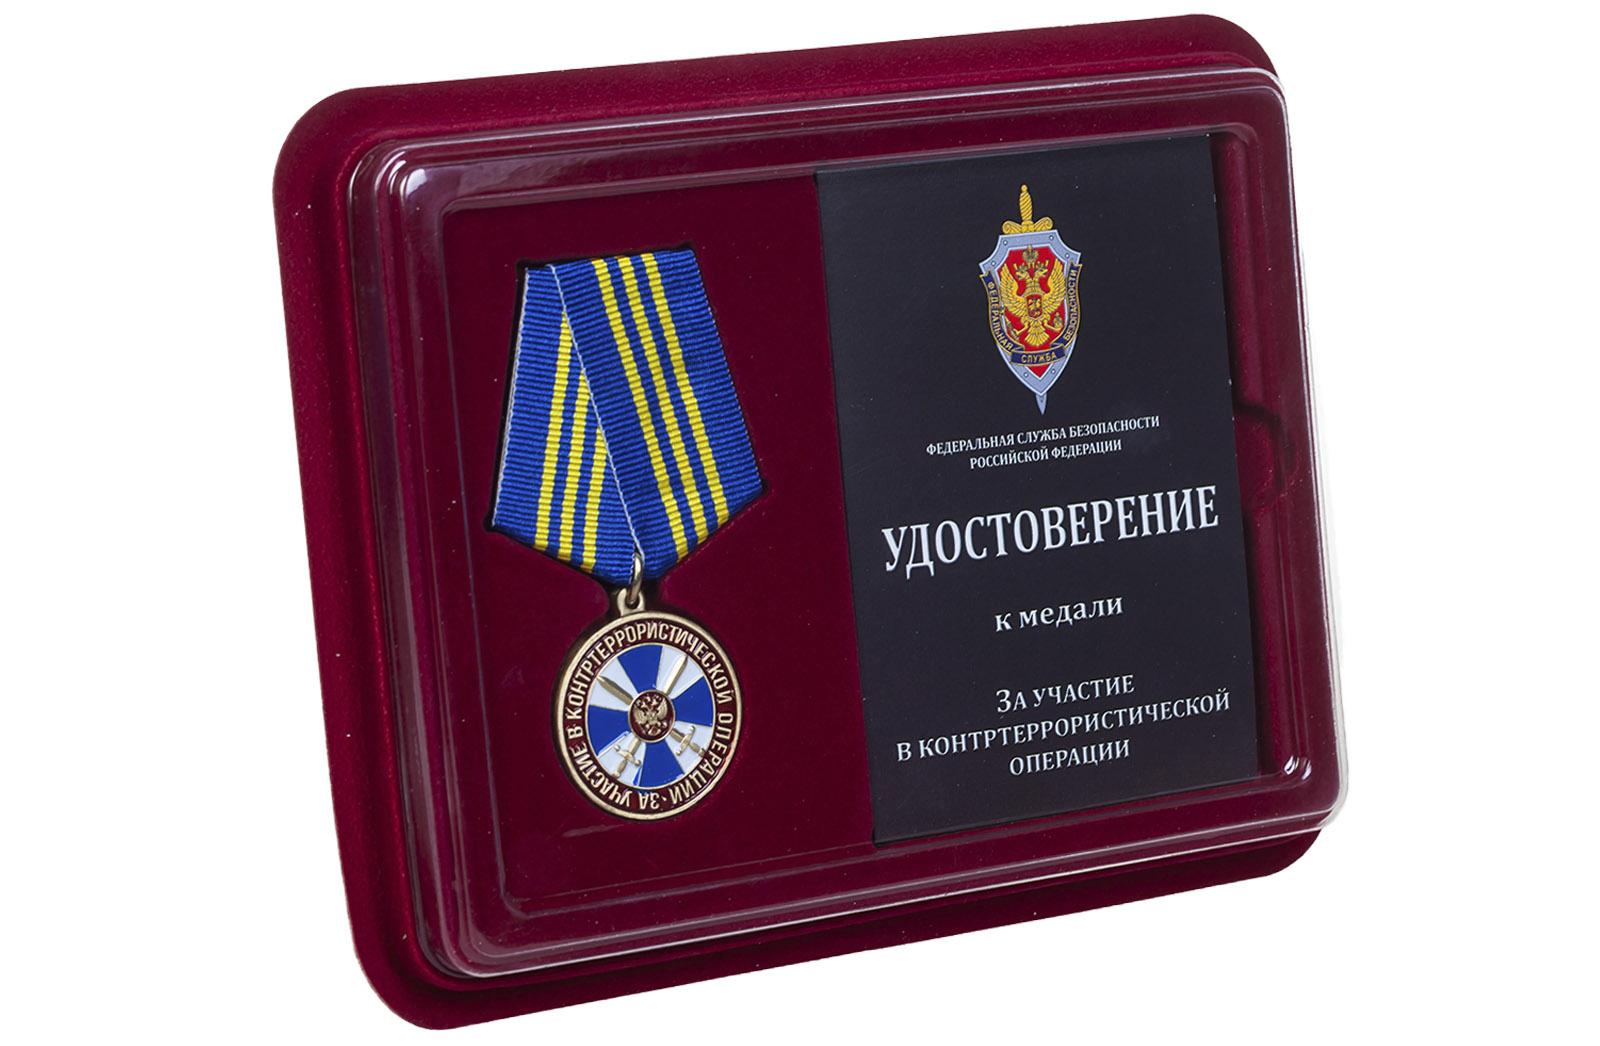 Купить медаль ФСБ России За участие в контртеррористической операции оптом выгодно